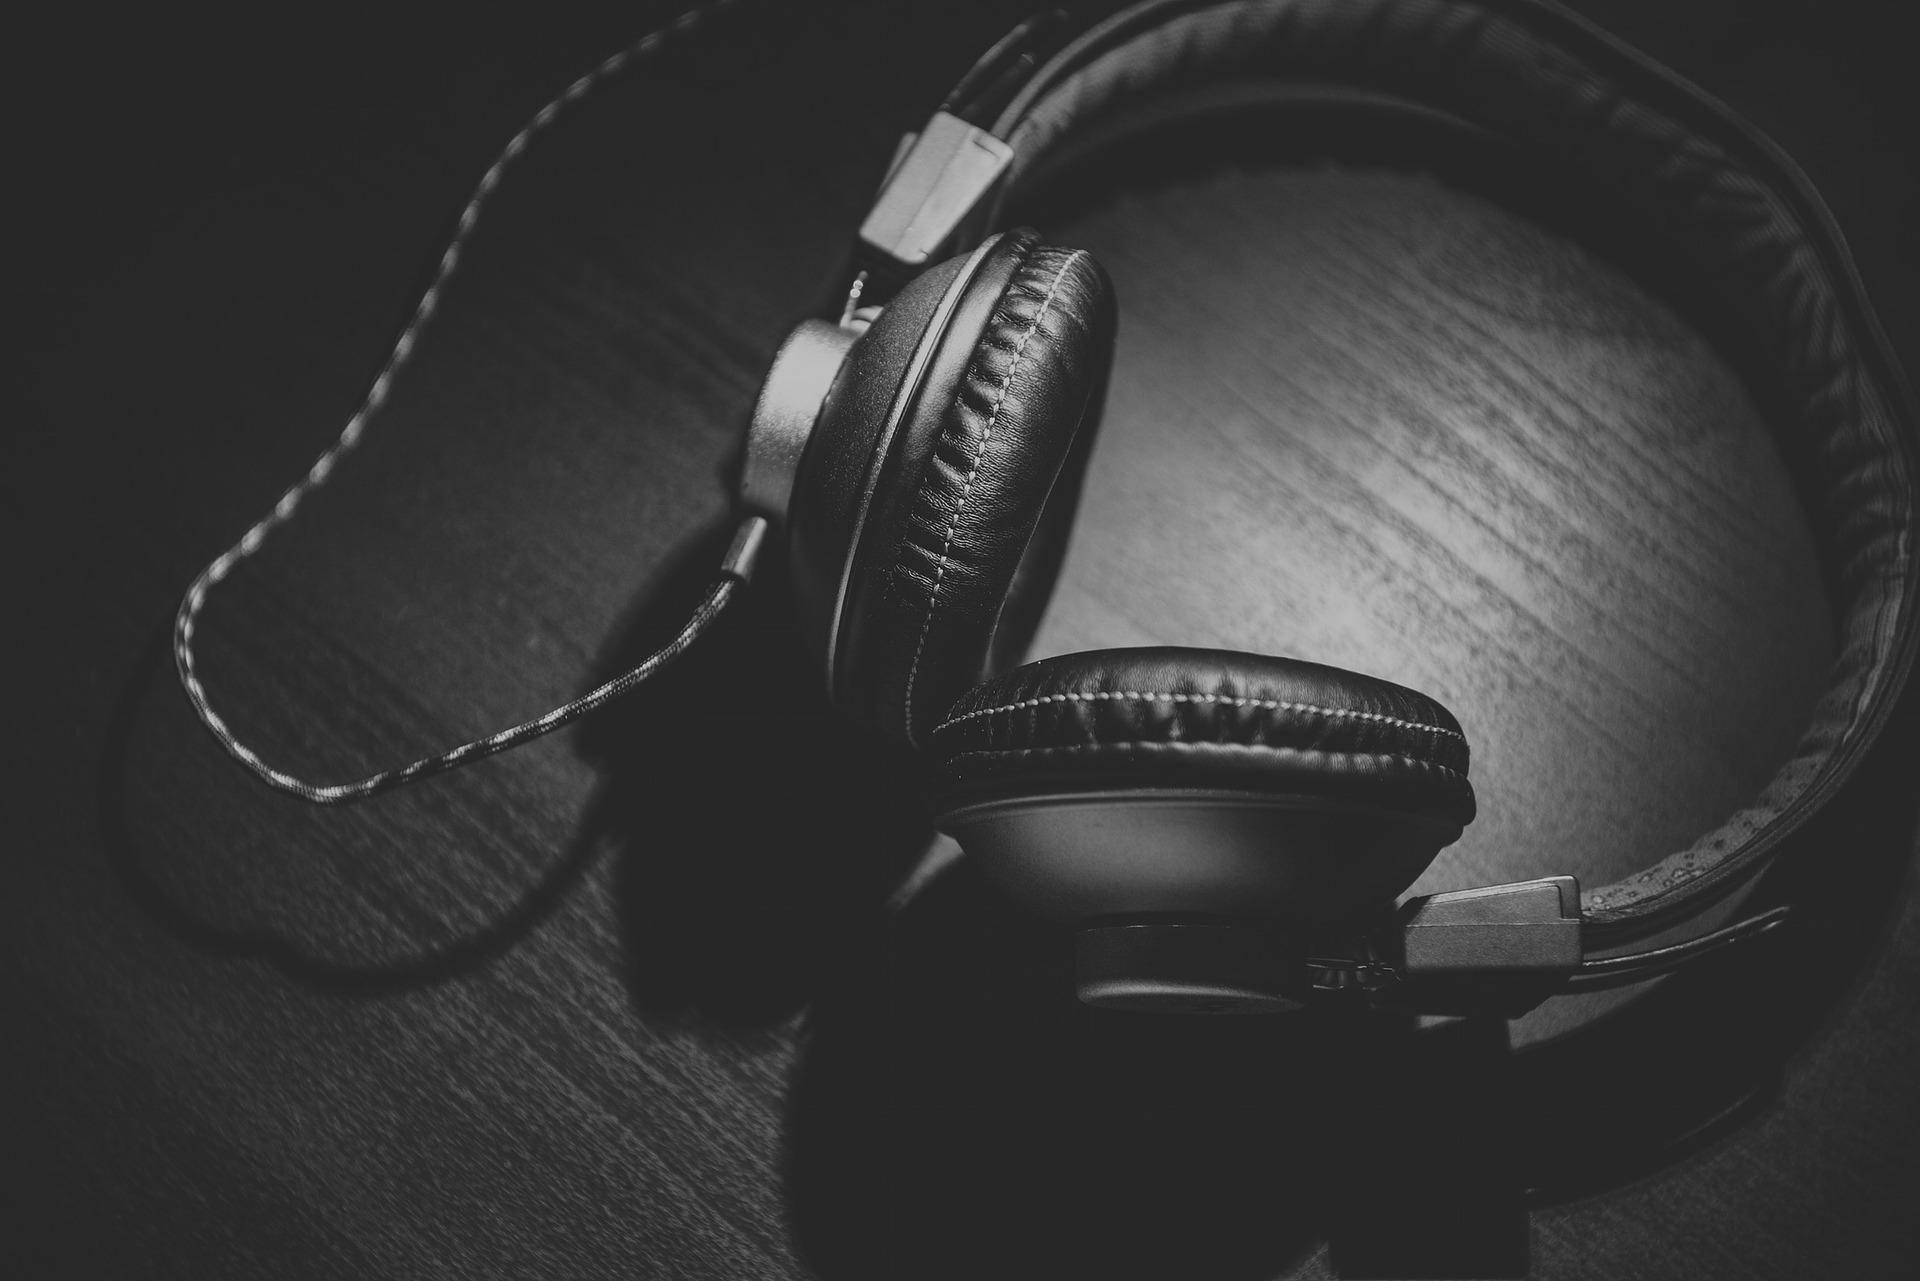 Enable Audio Hackintosh